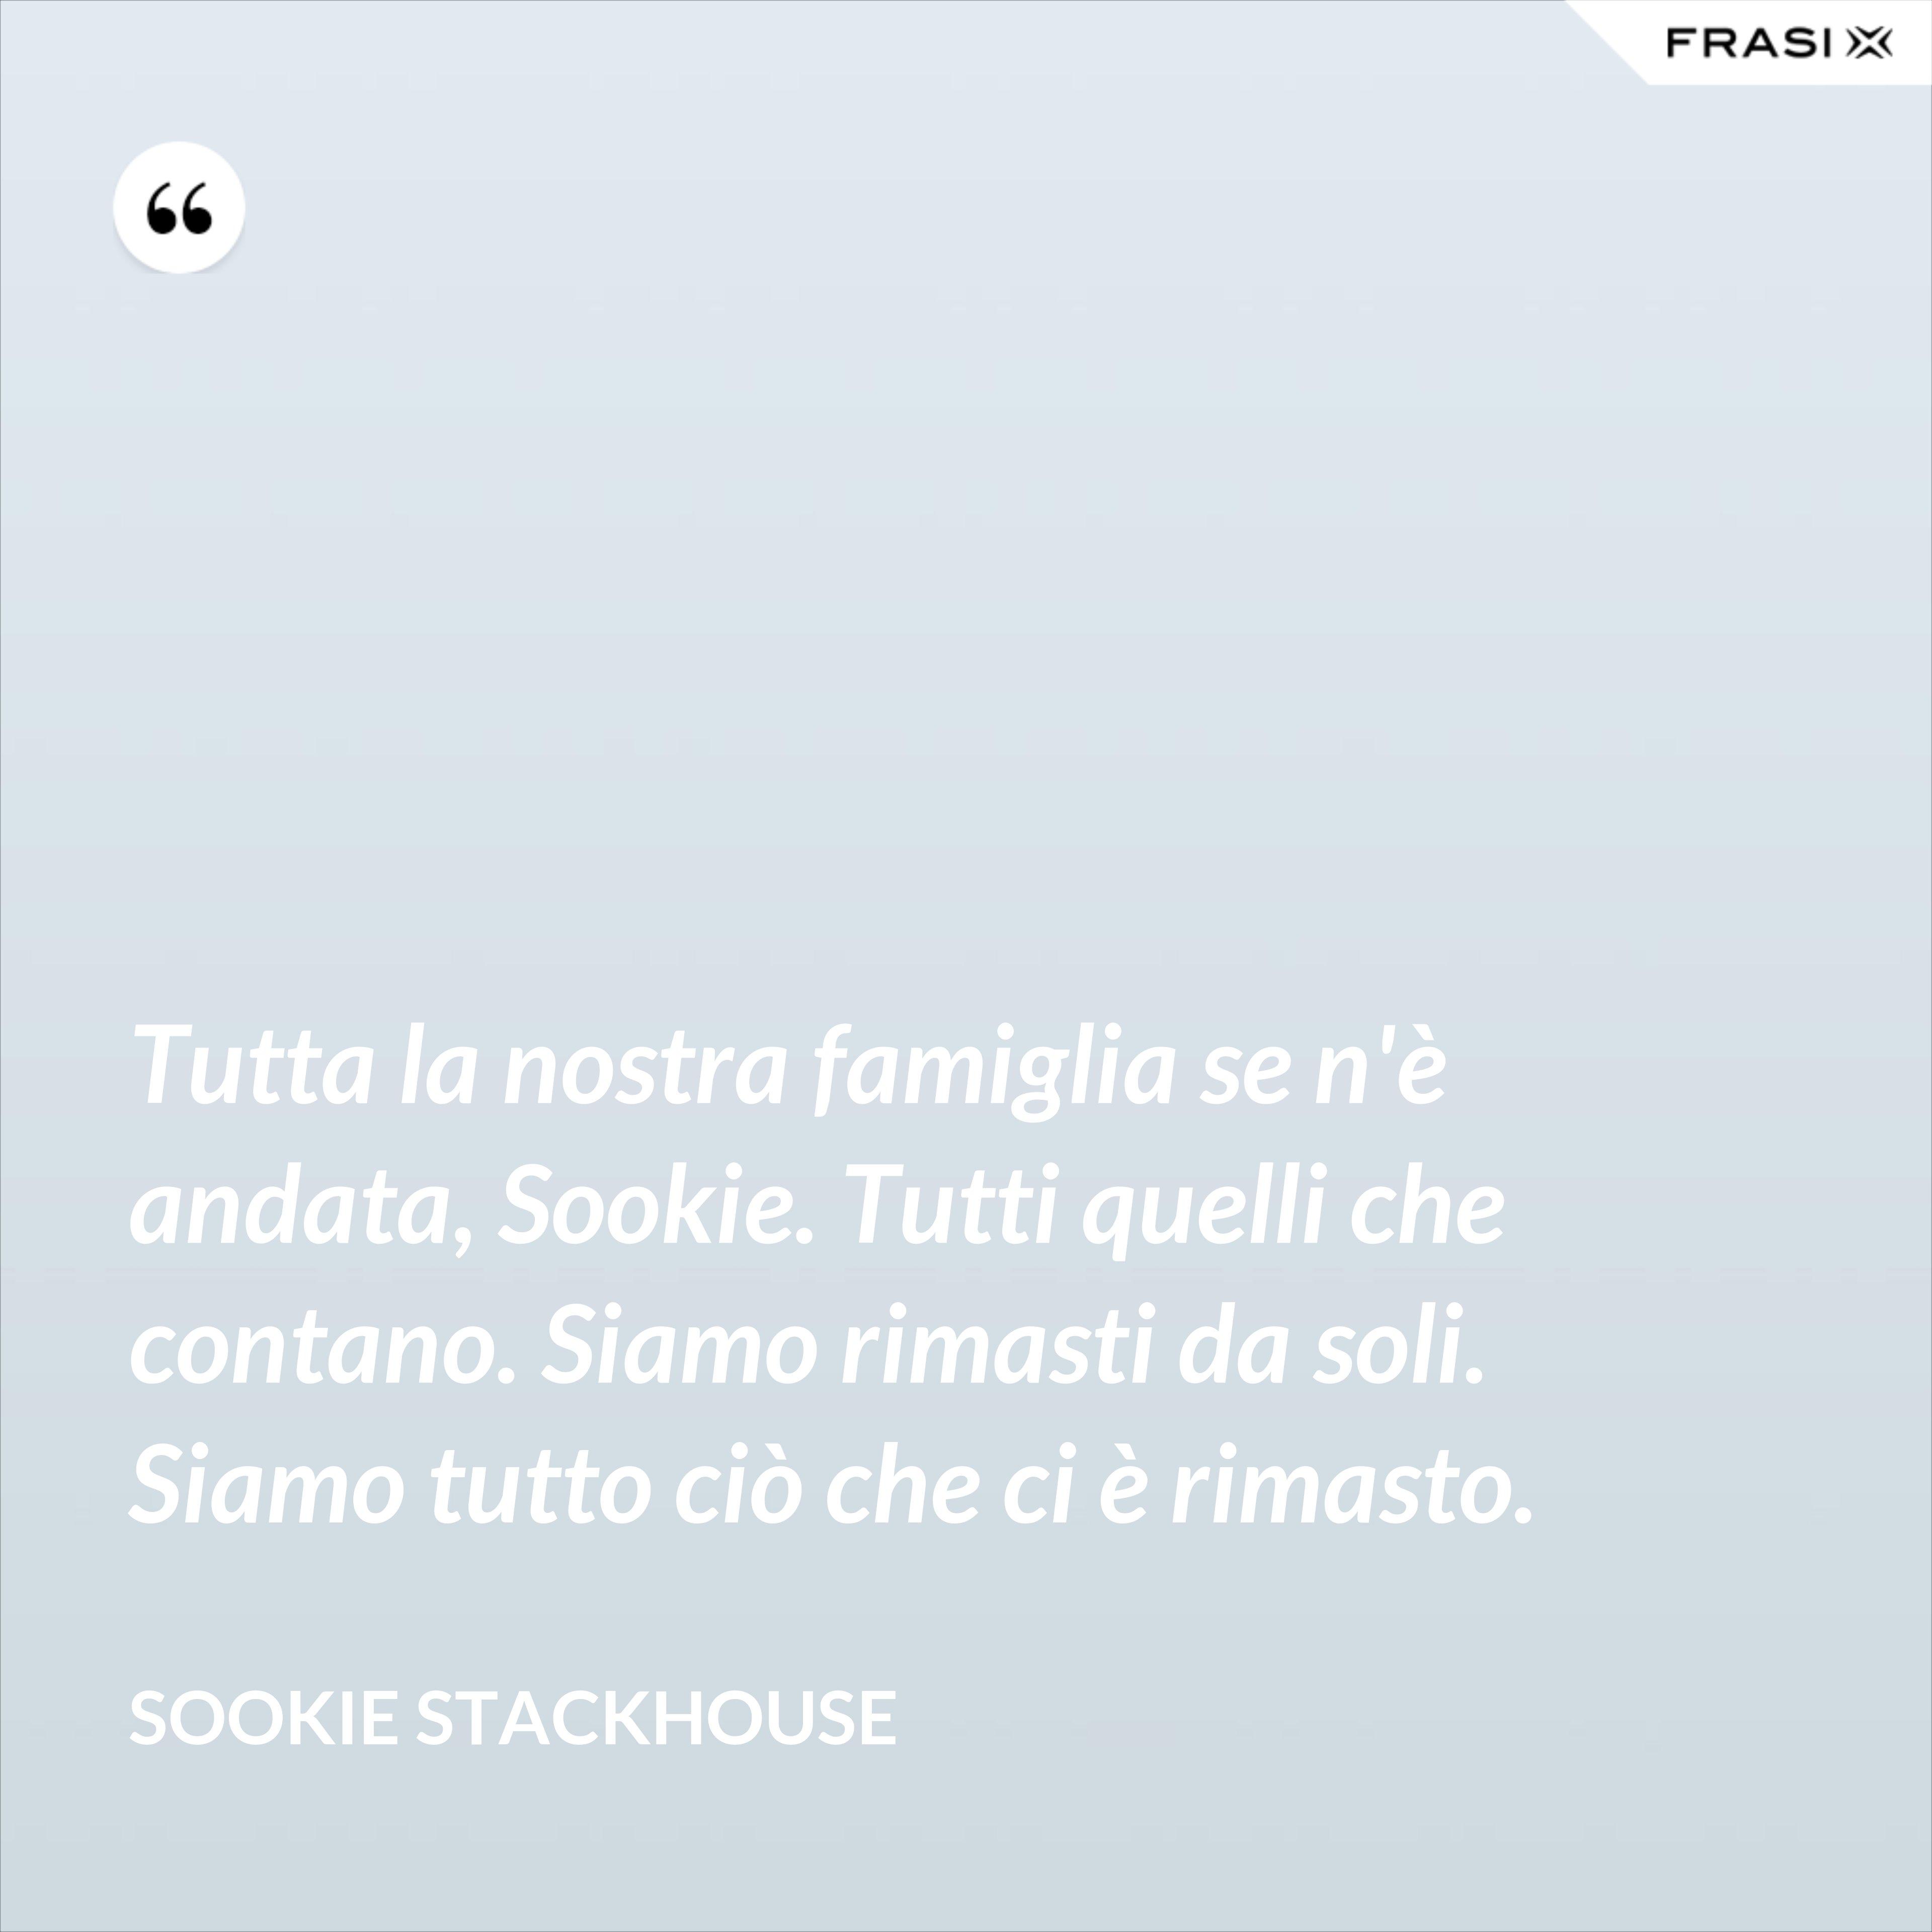 Tutta la nostra famiglia se n'è andata, Sookie. Tutti quelli che contano. Siamo rimasti da soli. Siamo tutto ciò che ci è rimasto. - Sookie Stackhouse